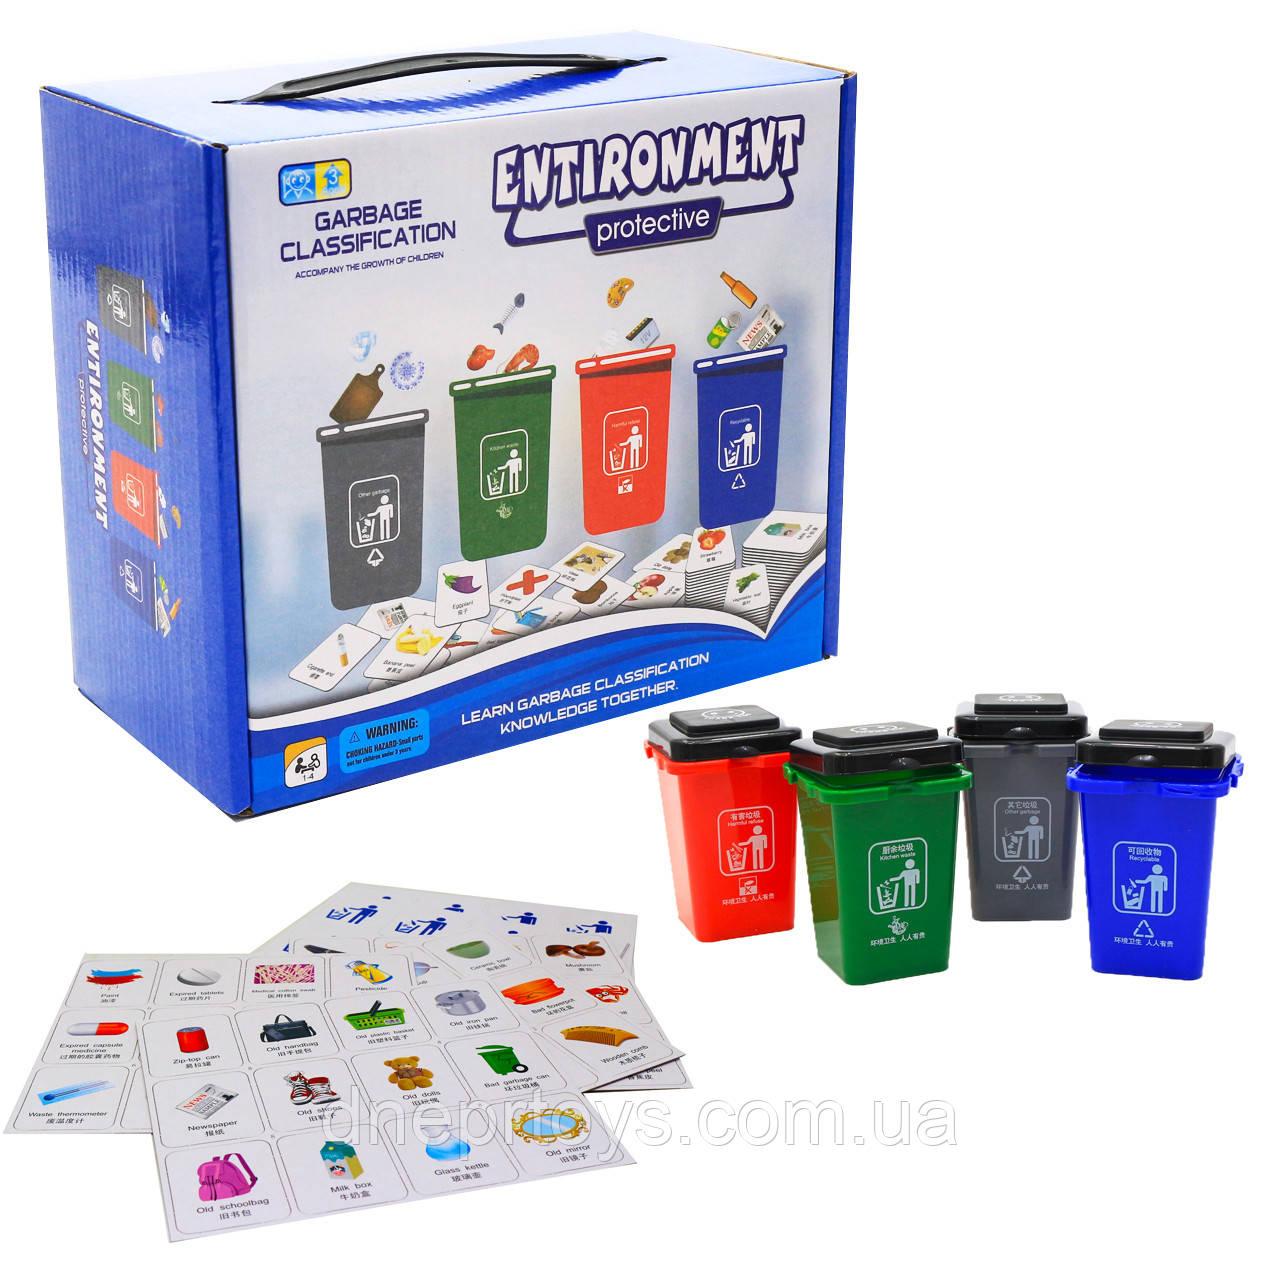 Настольная игра развивающая «Охрана окружающей среды» Renbo Toys, Сортировка мусора, 21*18*11 см, (1988)